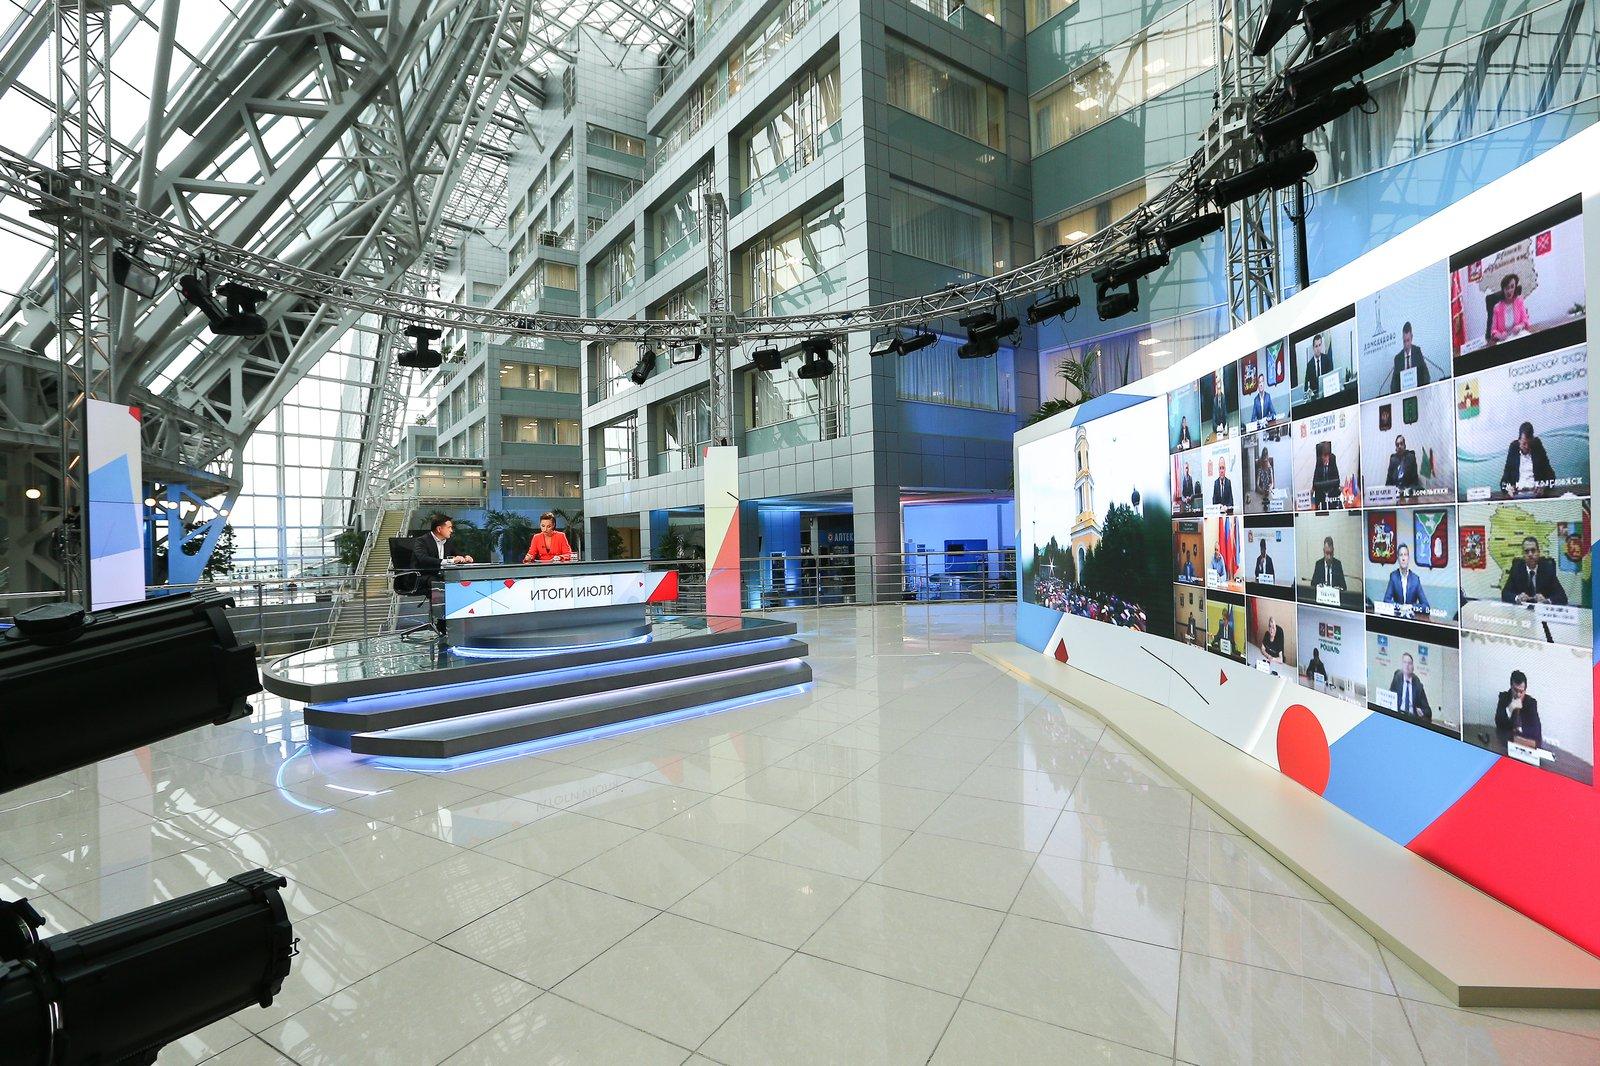 Андрей Воробьев губернатор московской области - Держать высокий темп: что обсудили в эфире на «360»